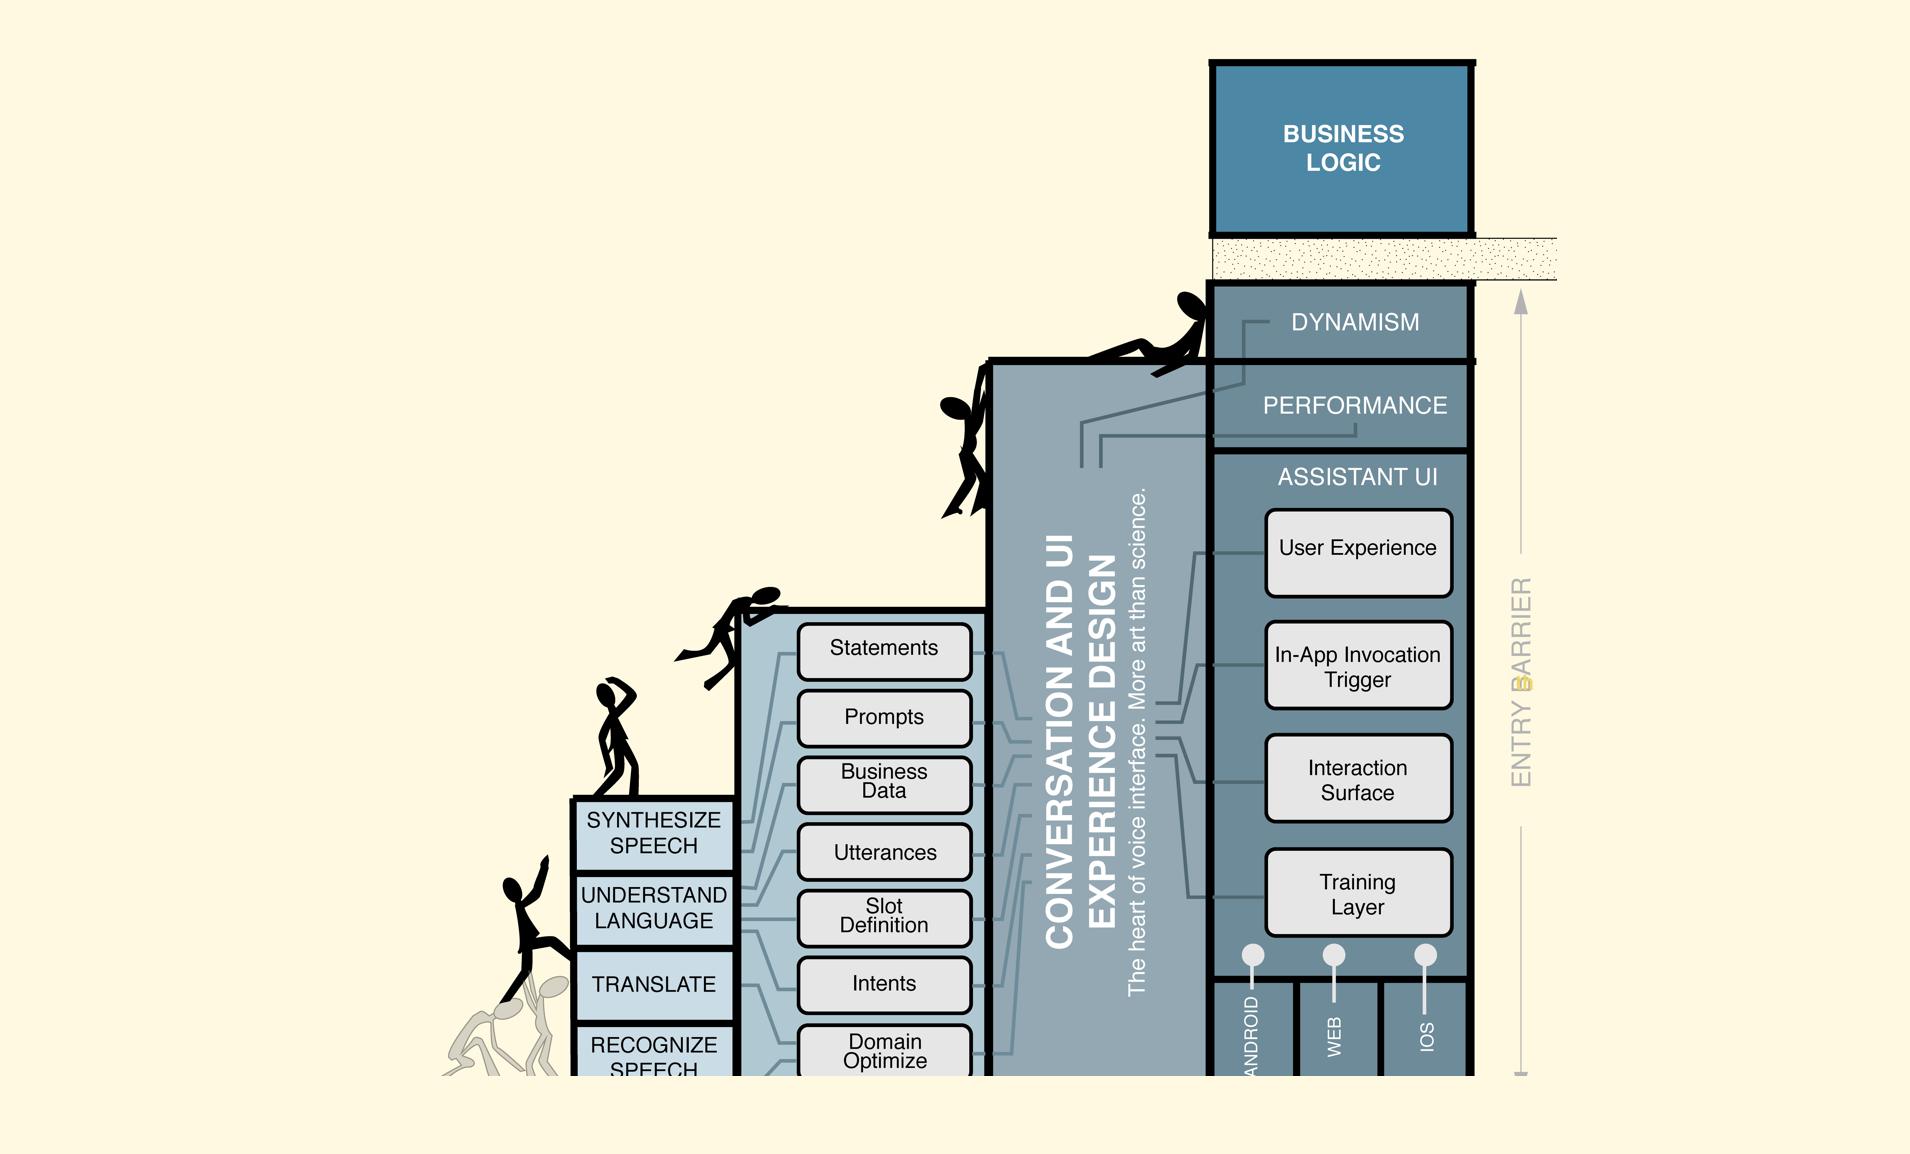 Complexities in building an In-App Voice Assistant vs Slang Method